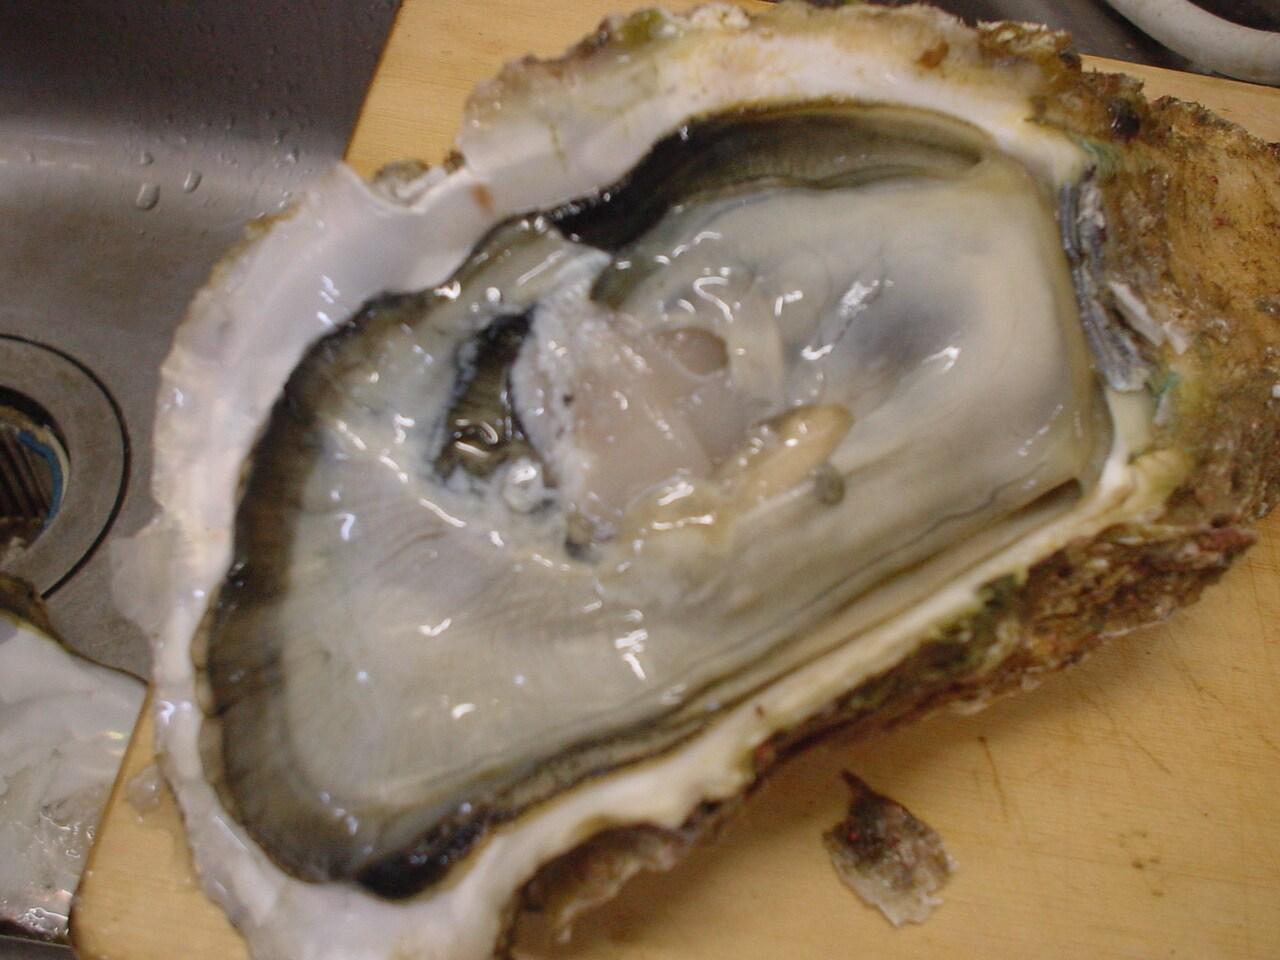 濃厚な味わいは象潟(きさかた)産に勝るとも劣らない 越前三国の巨大岩牡蠣を食す